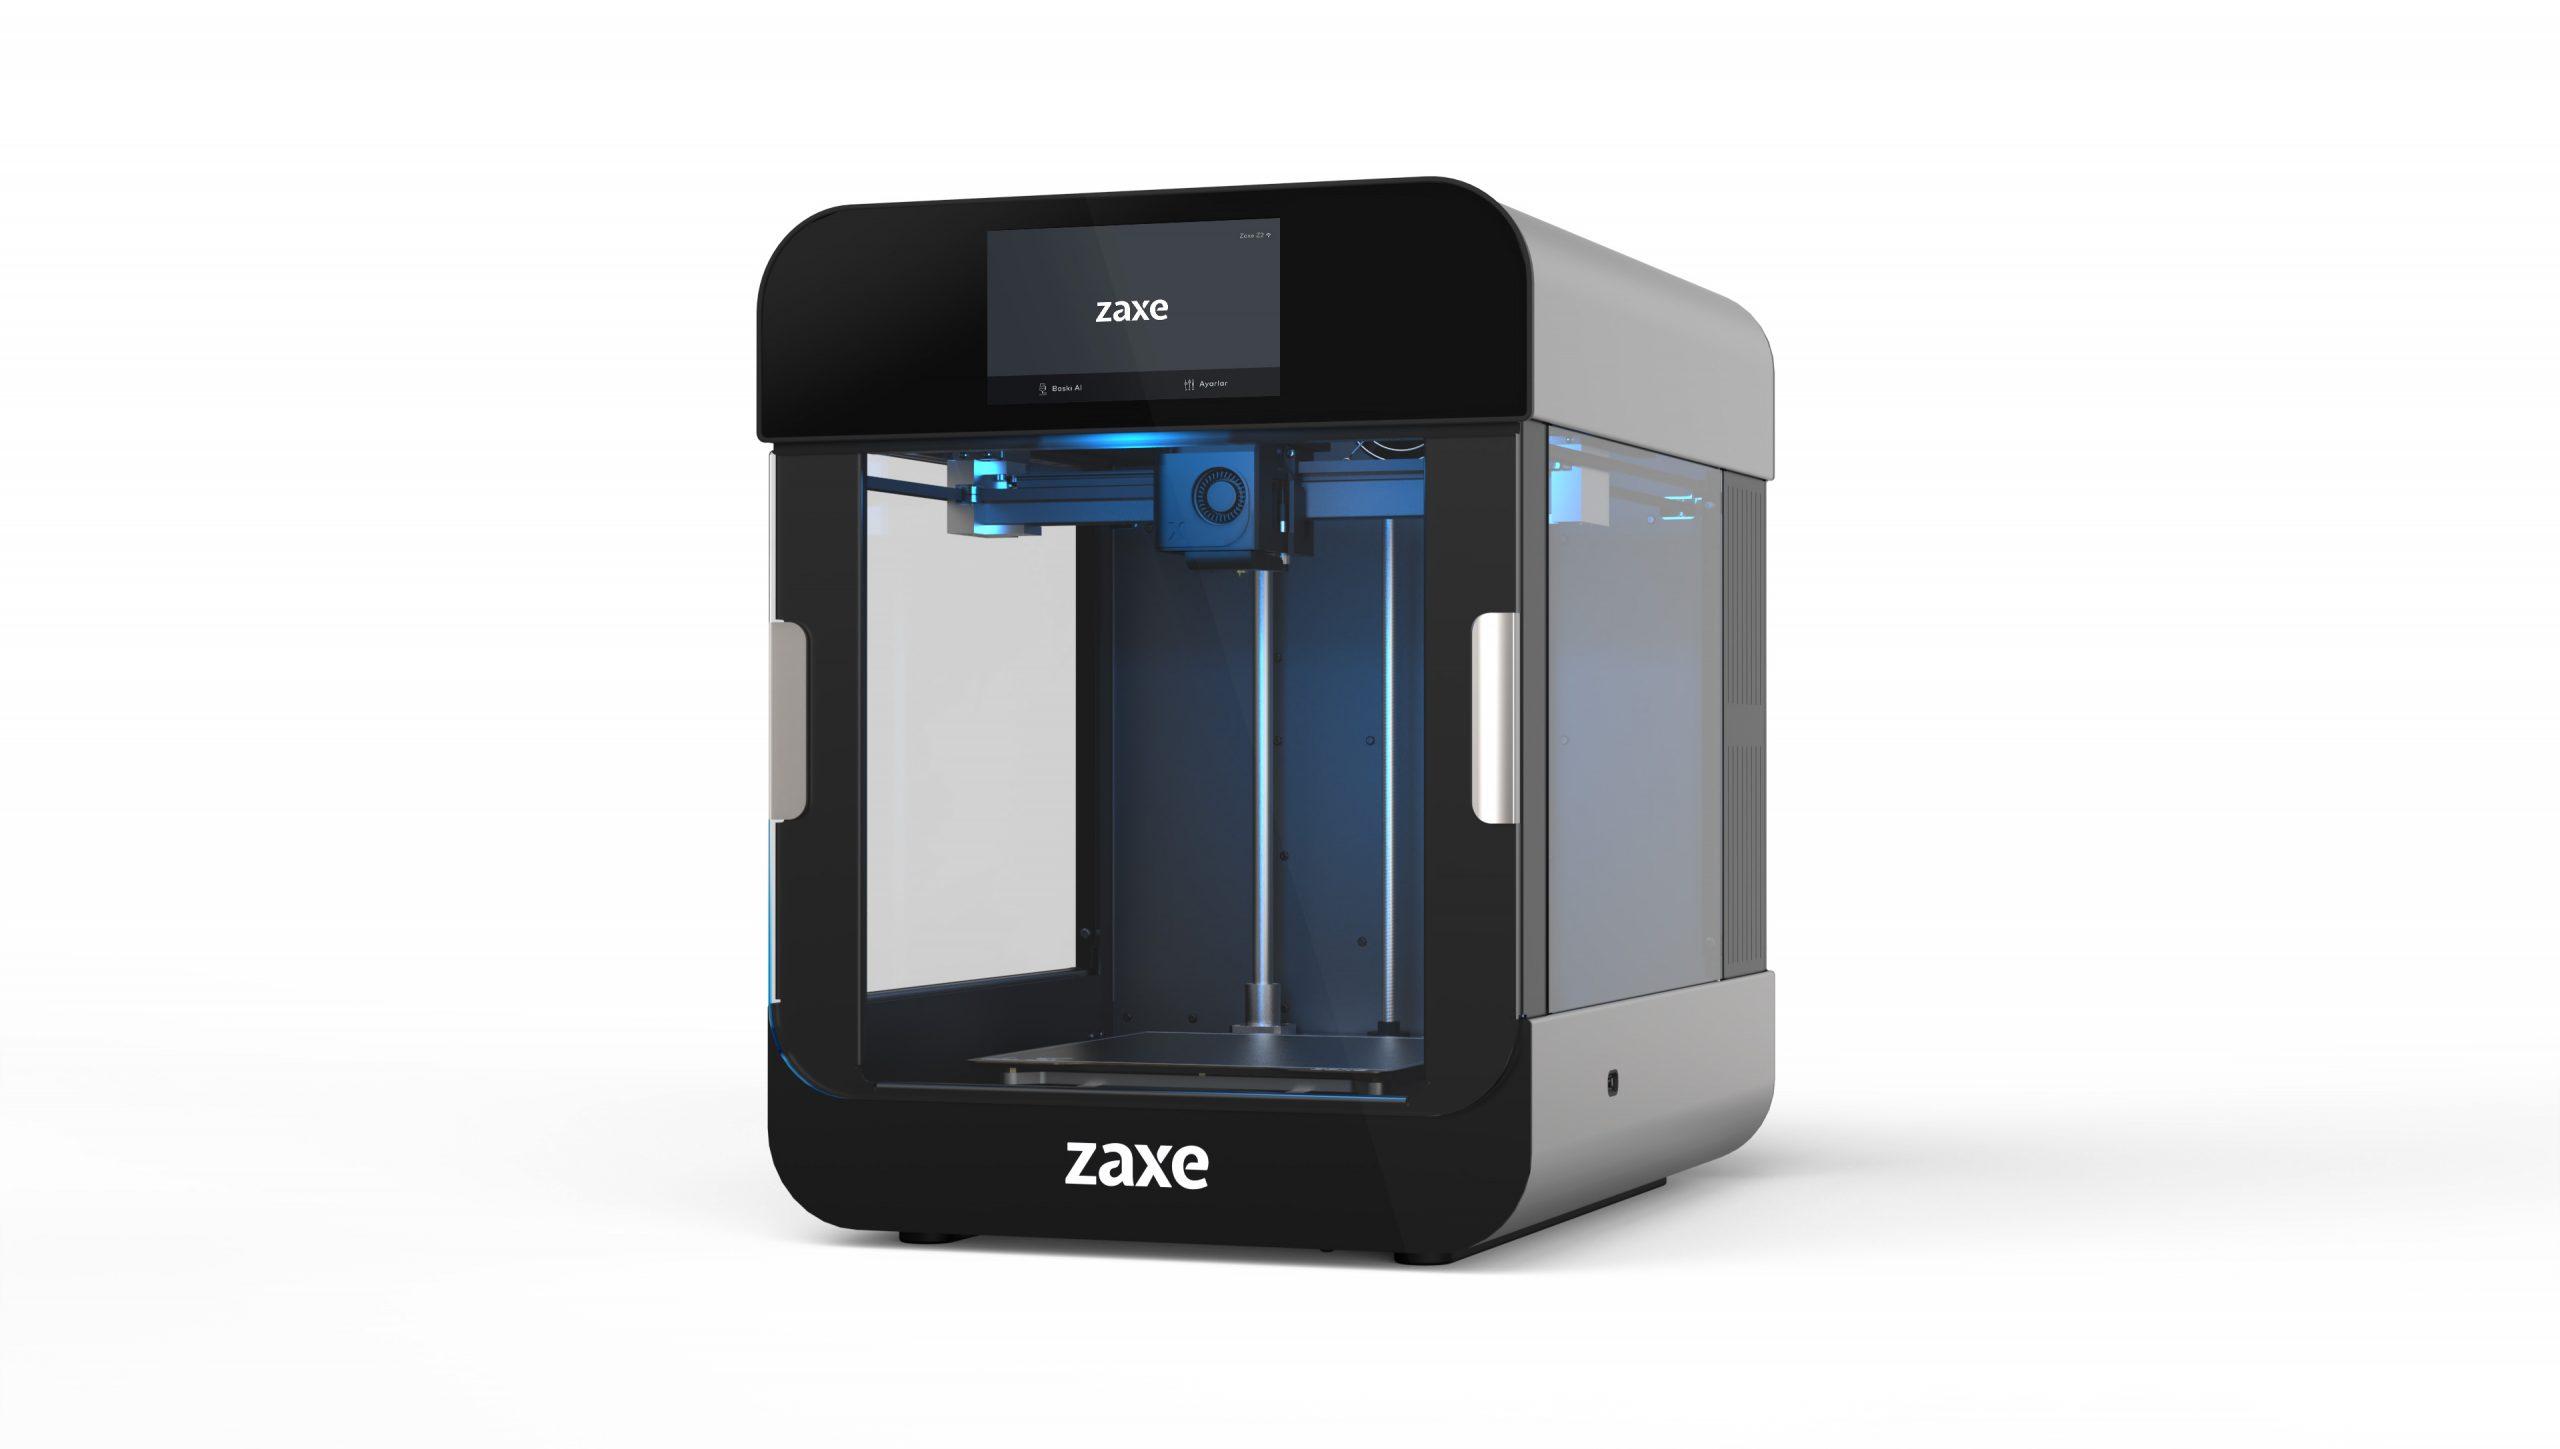 The Zaxe Z2 3D printer. Photo via Zaxe.